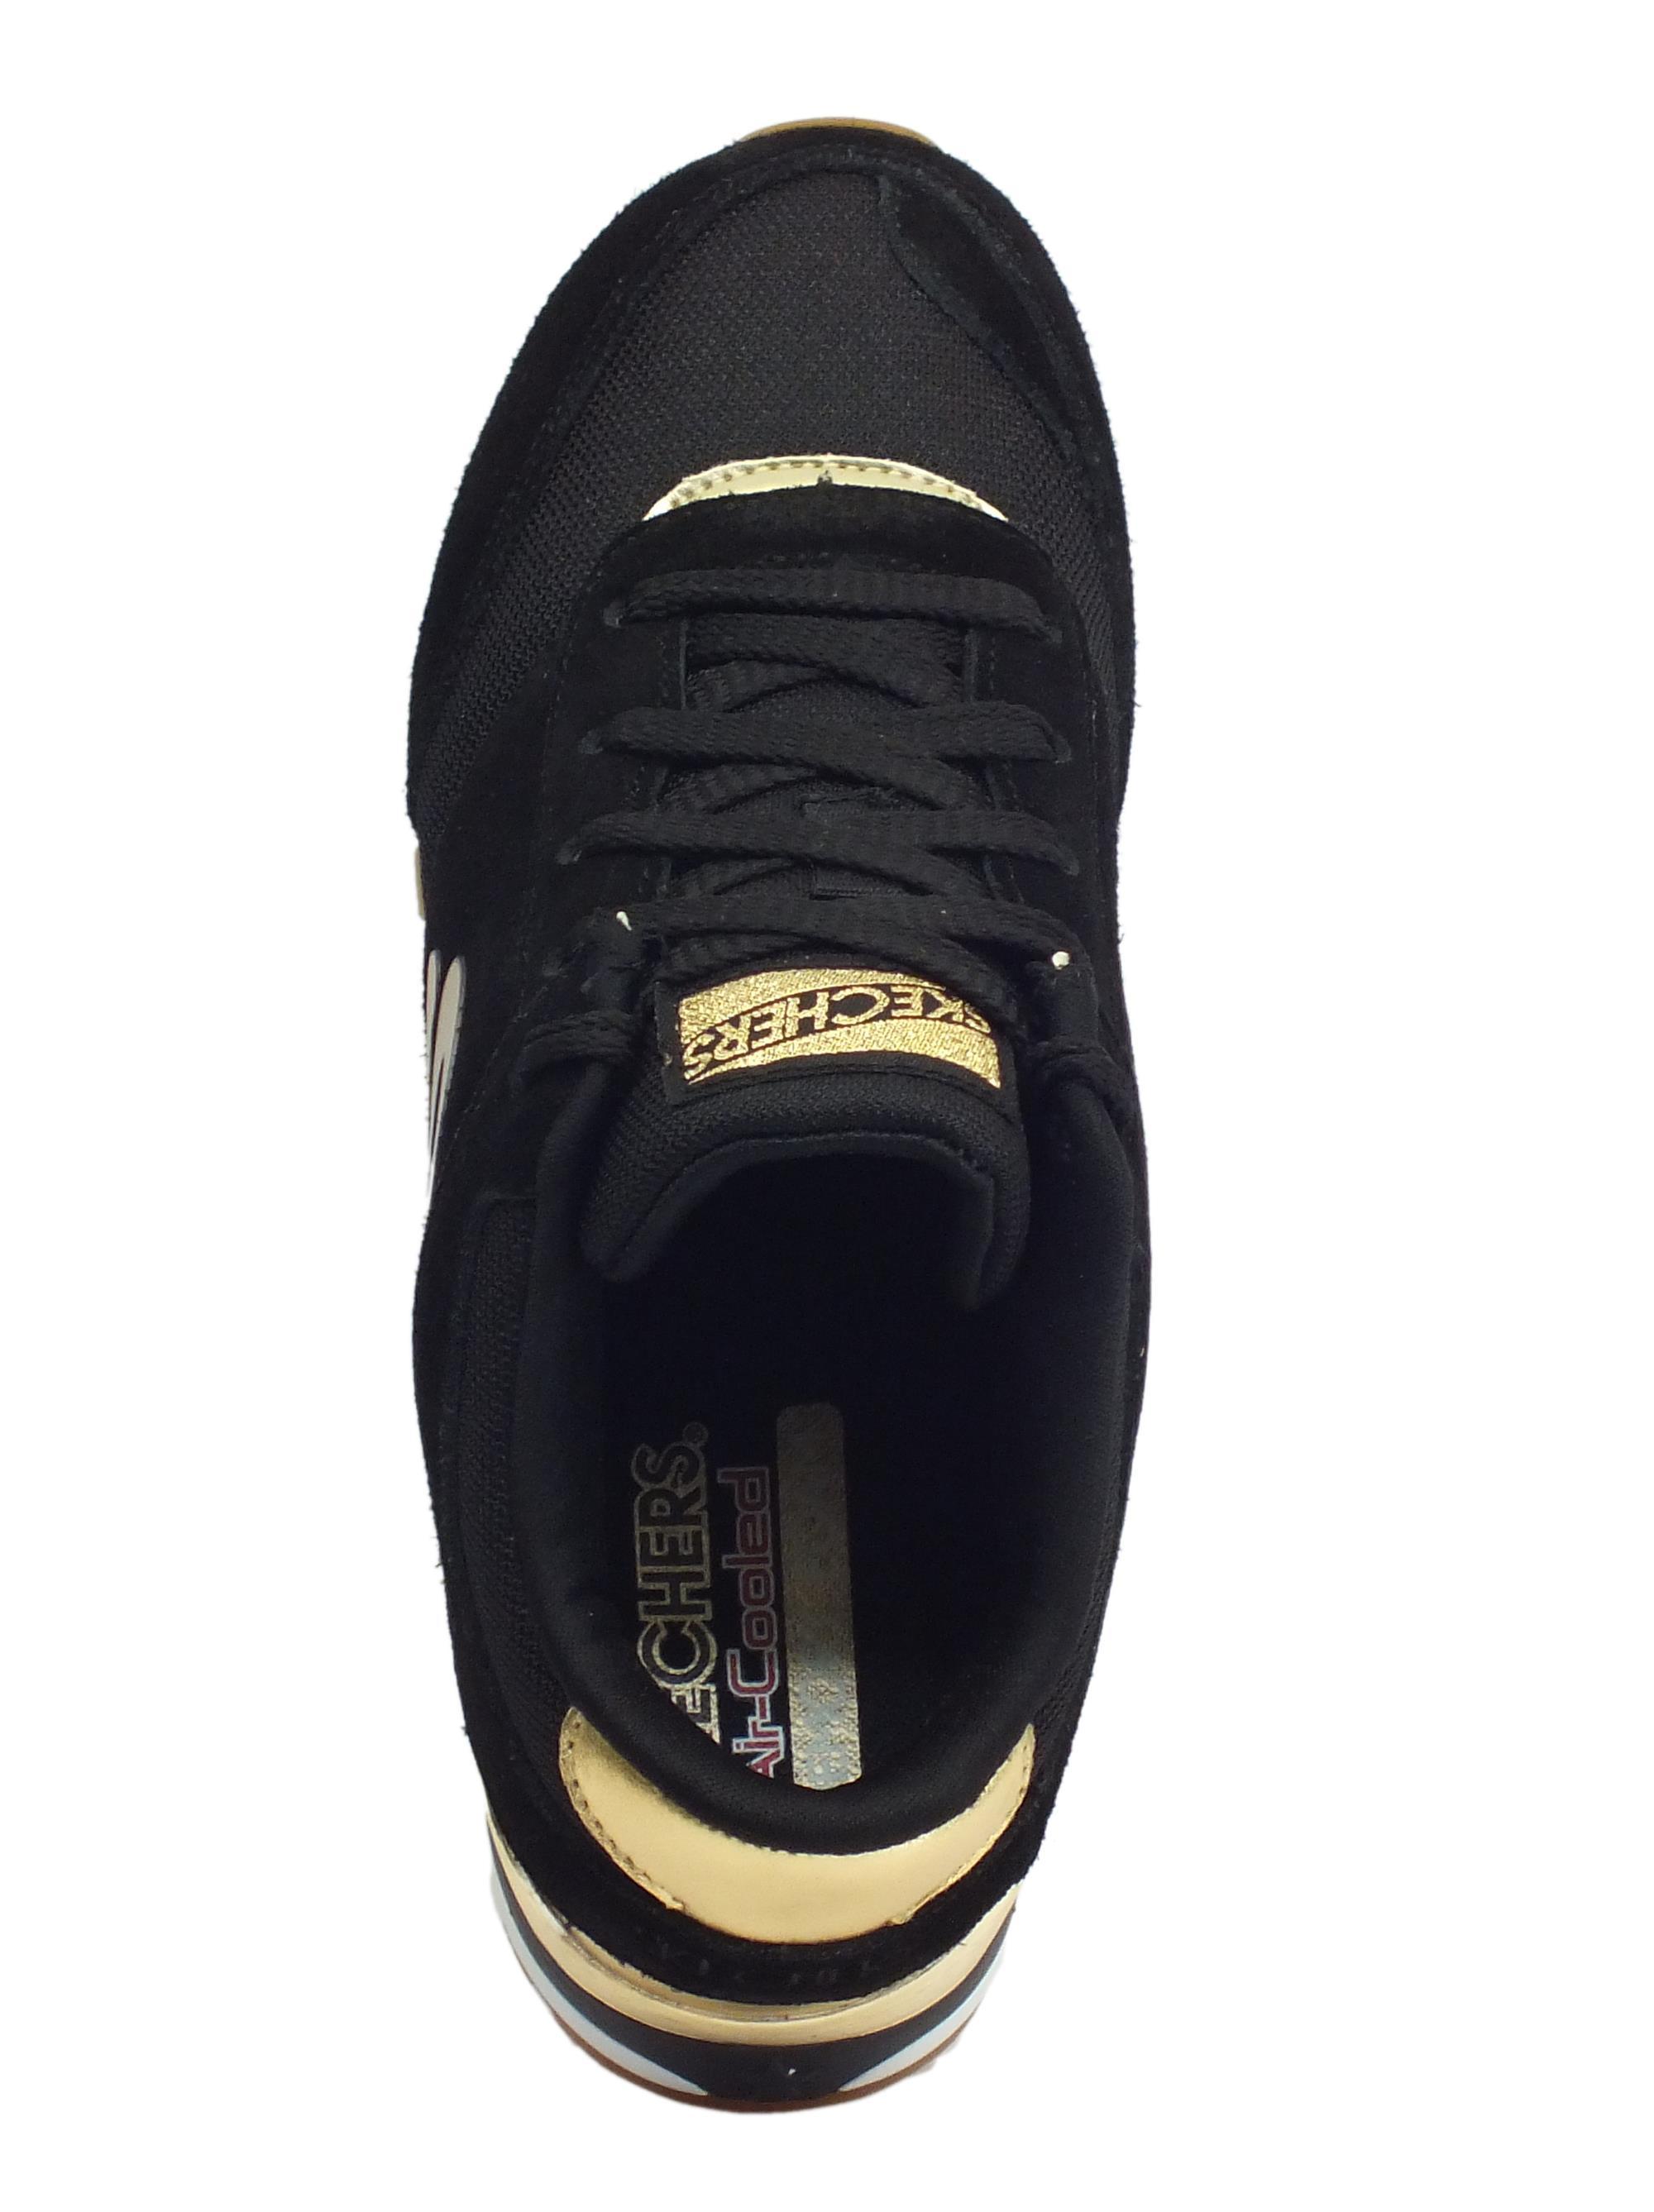 premium selection 59433 85e7e ... Scarpe sportive per donna Skechers Originals in tessuto e camoscio  colore nero